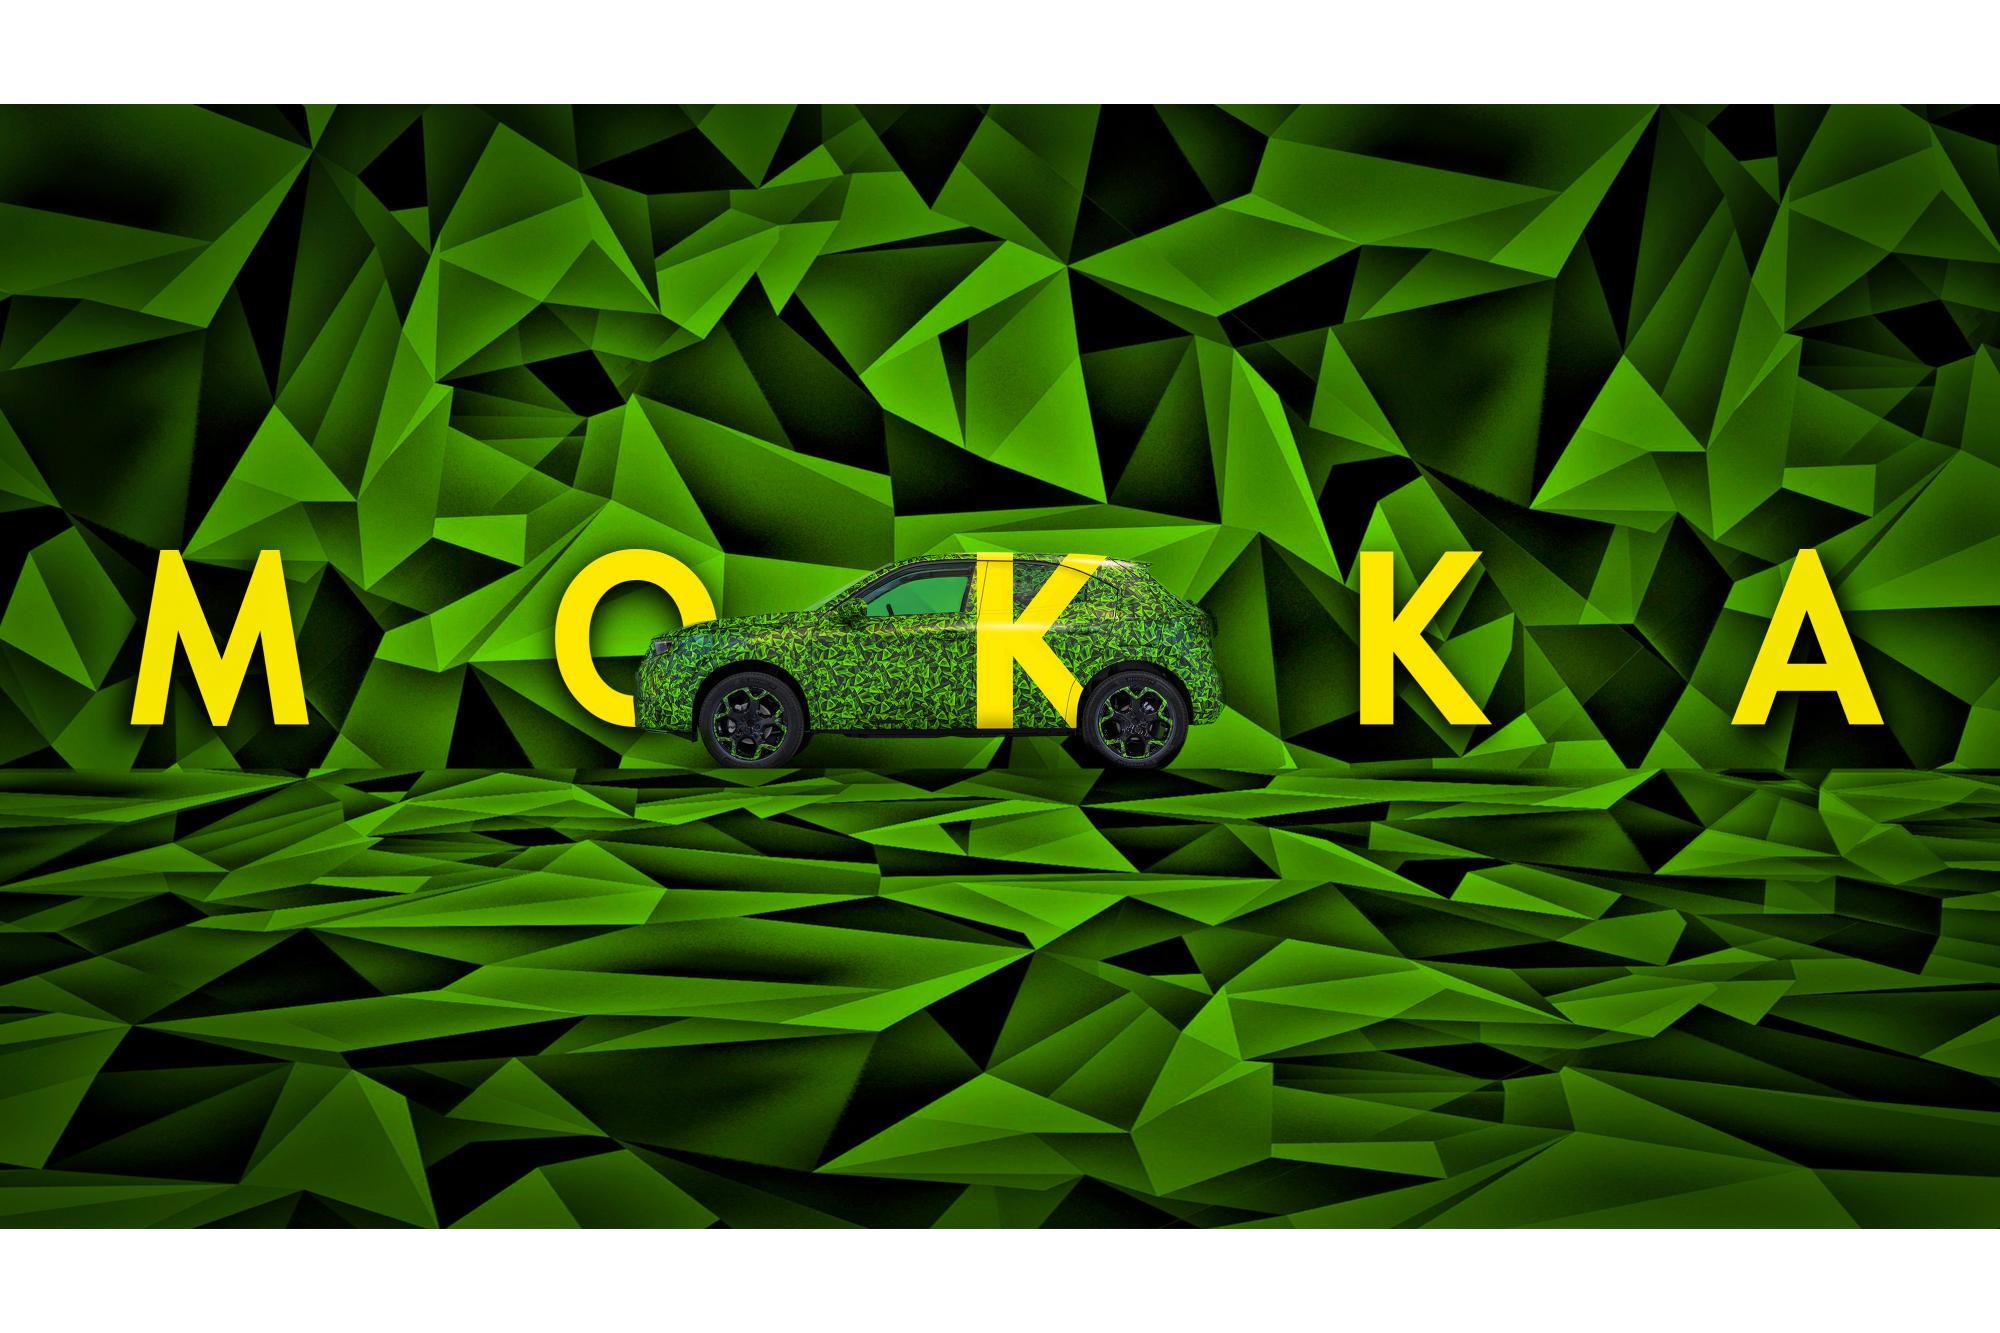 Ηλεκτρικό! Το Νέο Opel Mokka στην εκκίνηση